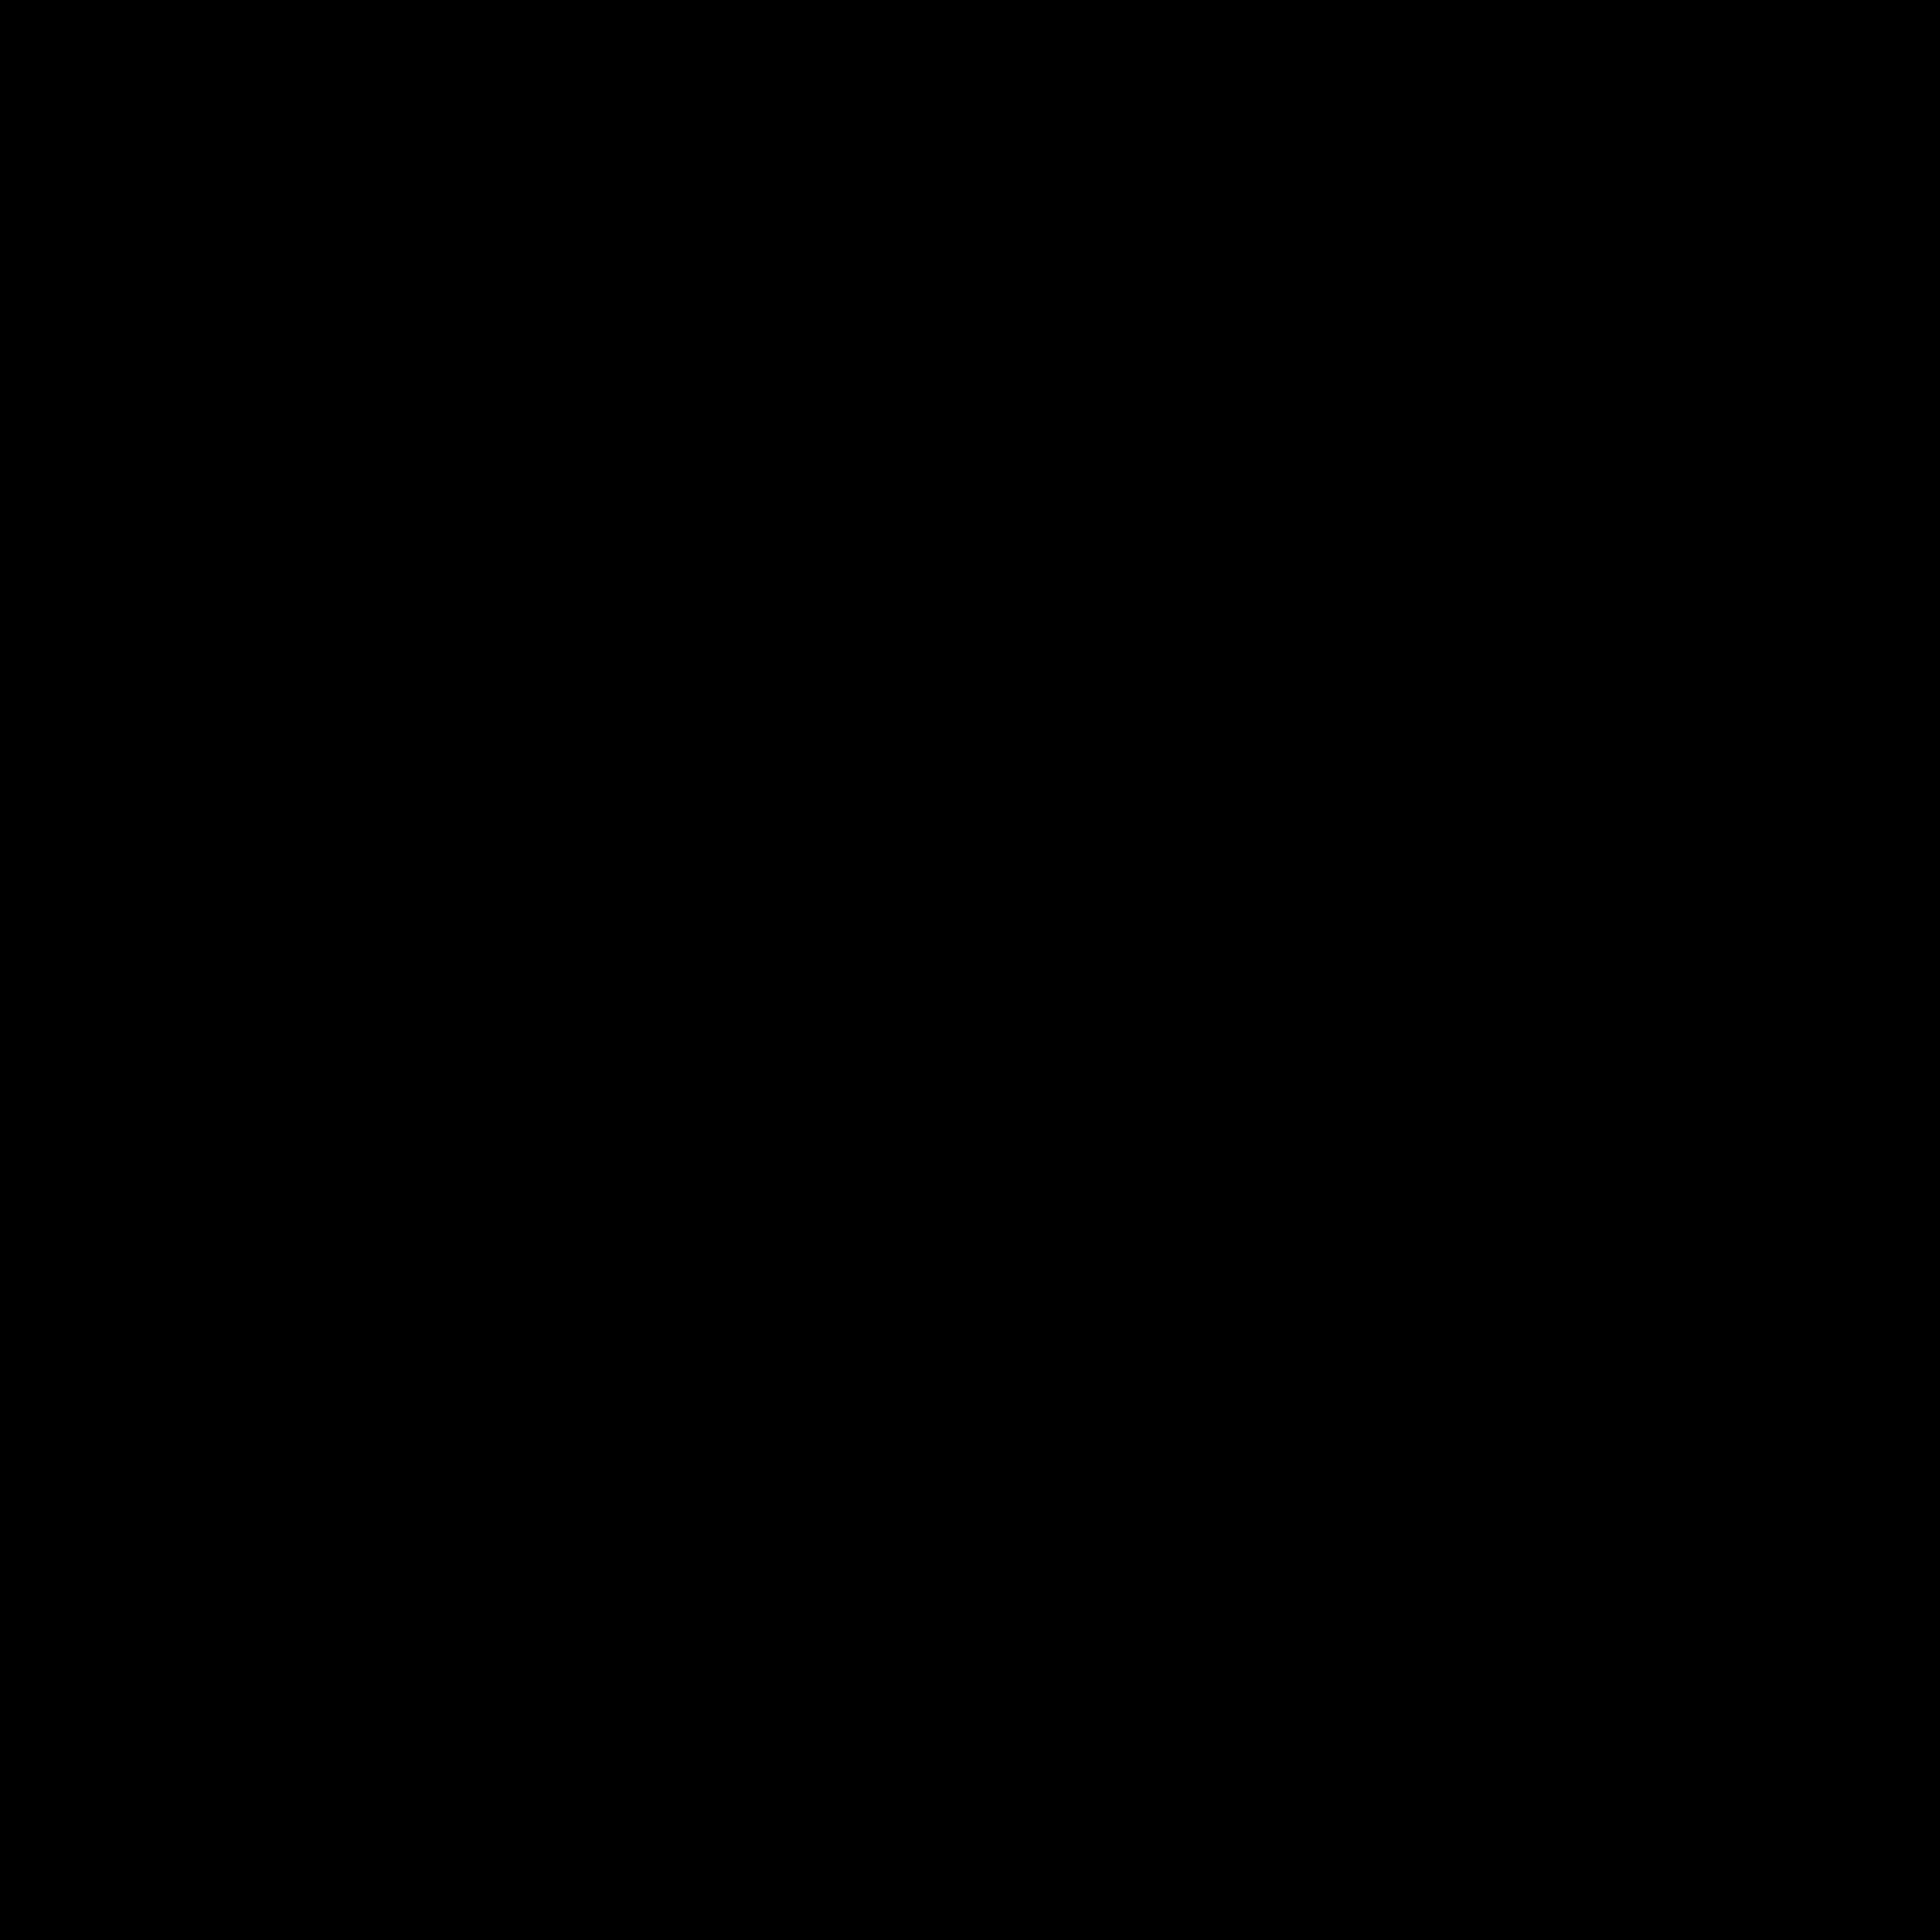 File plain icon wikimedia. Dna clipart svg